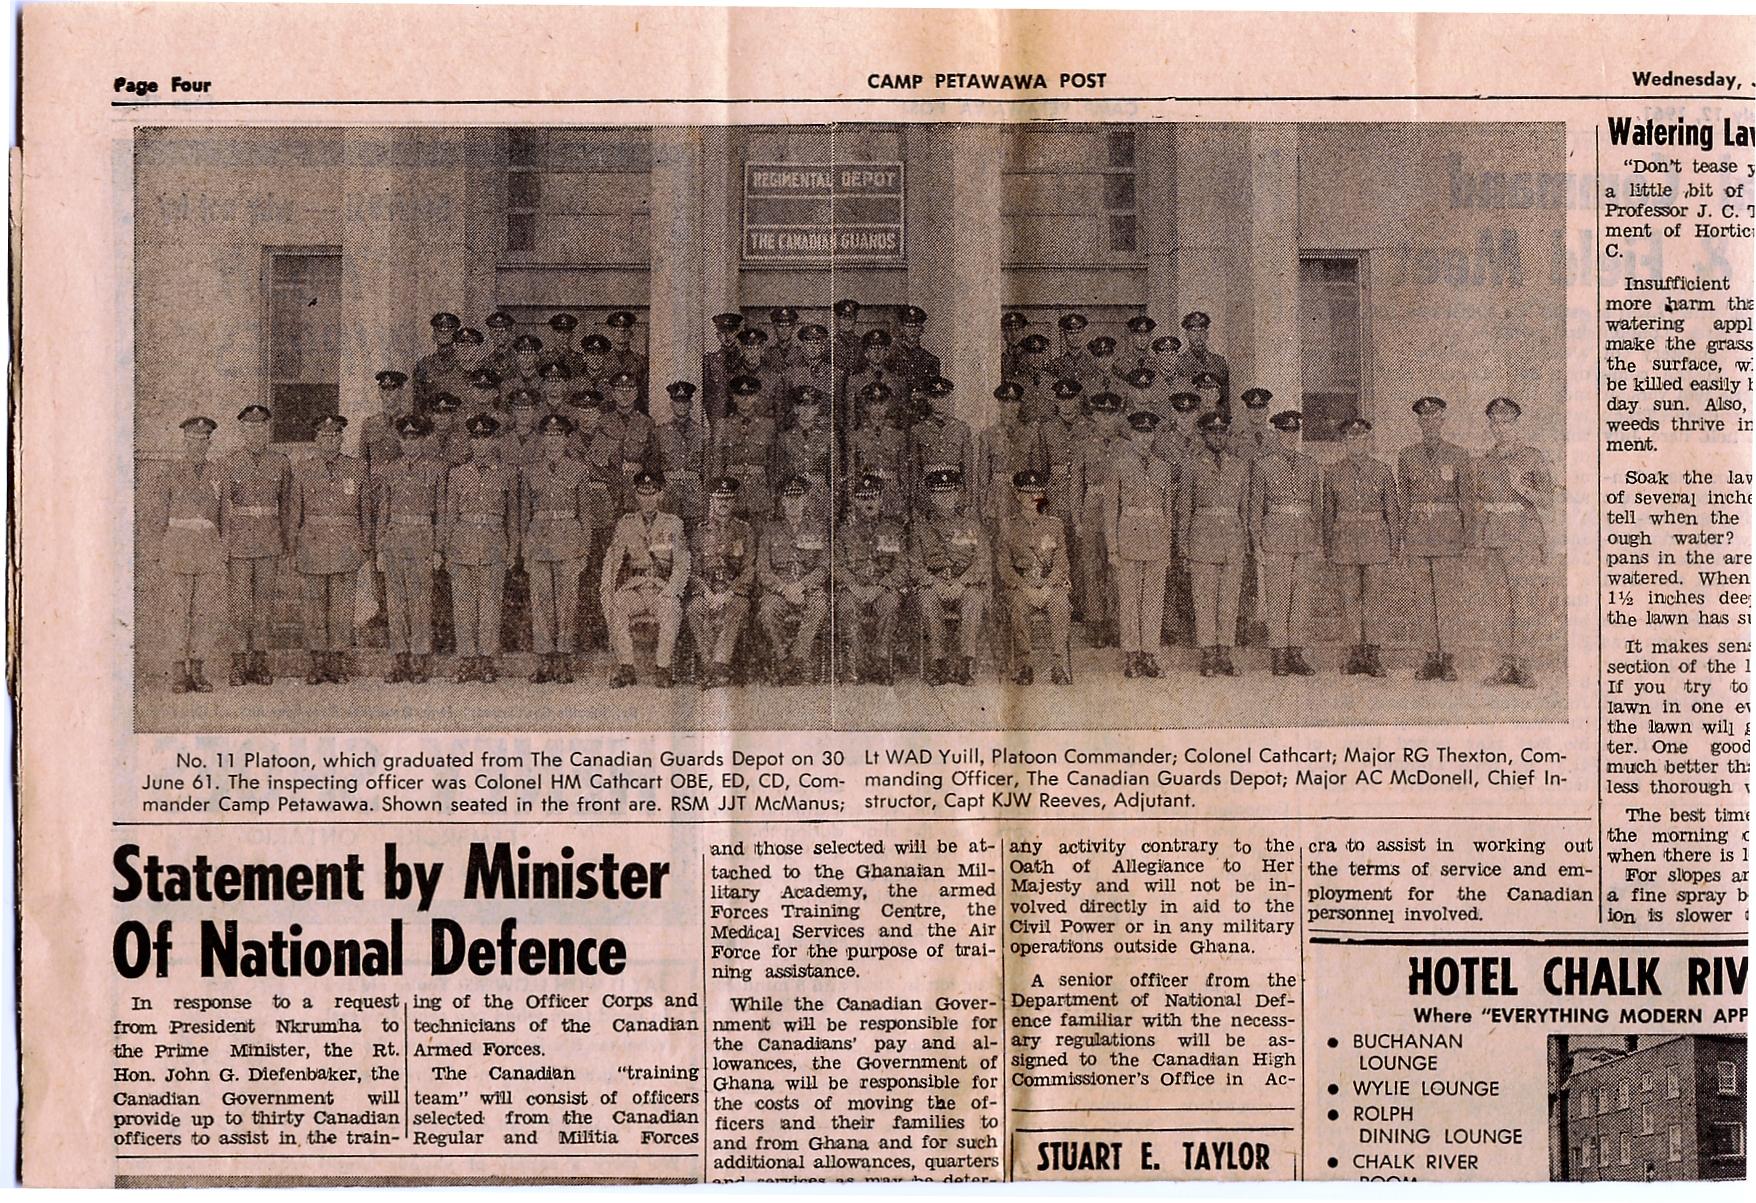 28_RSM McManus-Camp Petawawa Post-Wed 12 Jul 1961 - Pg 4Top